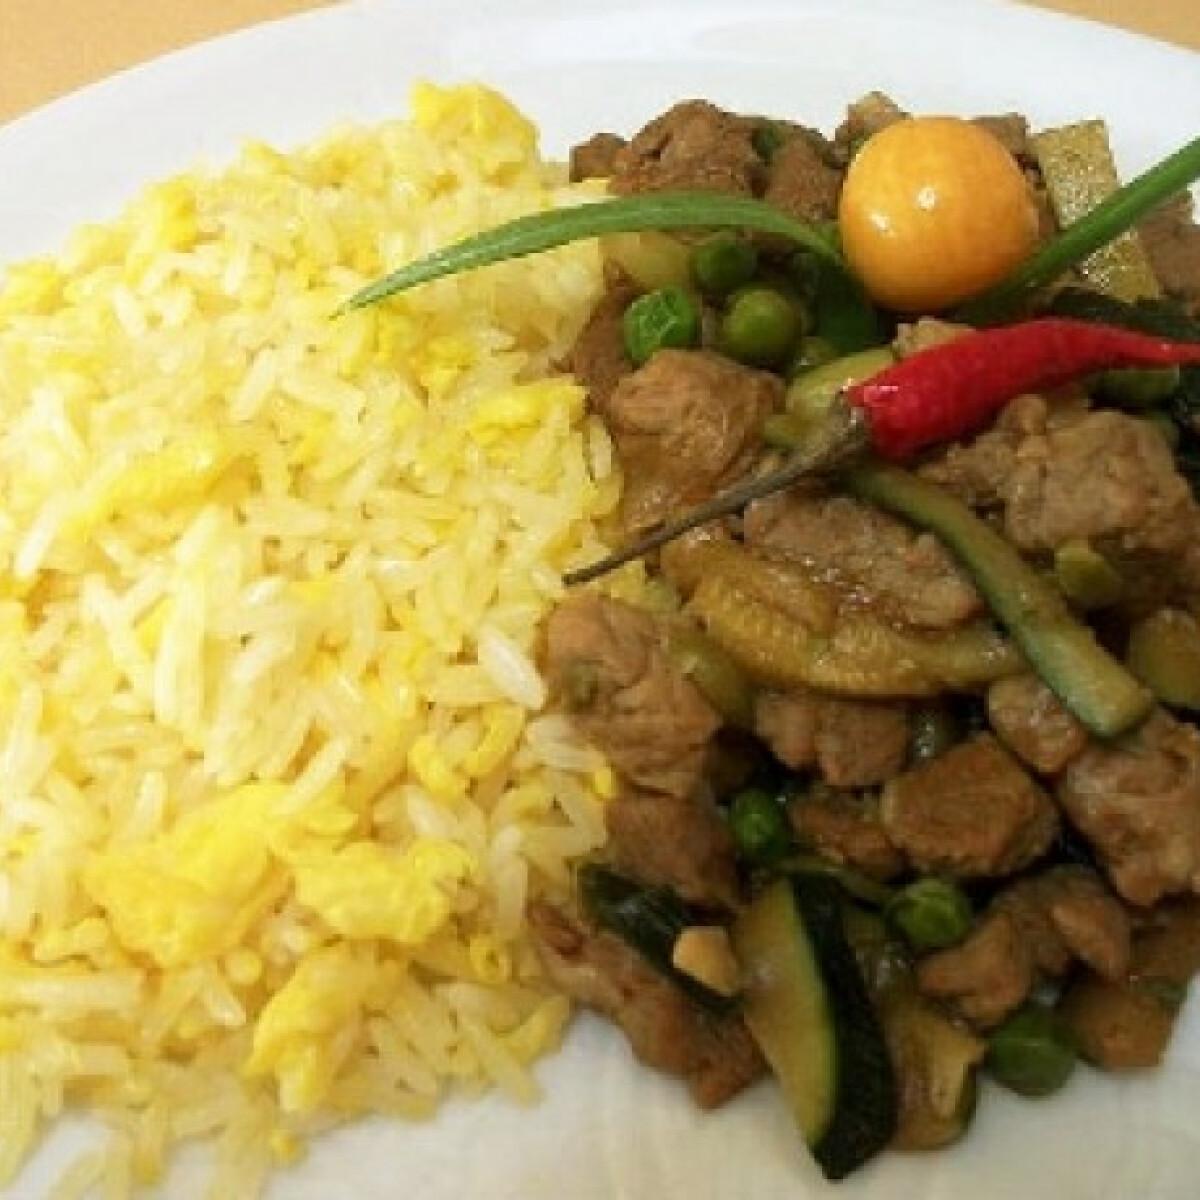 Ezen a képen: Teriyaki szószos sertéshús